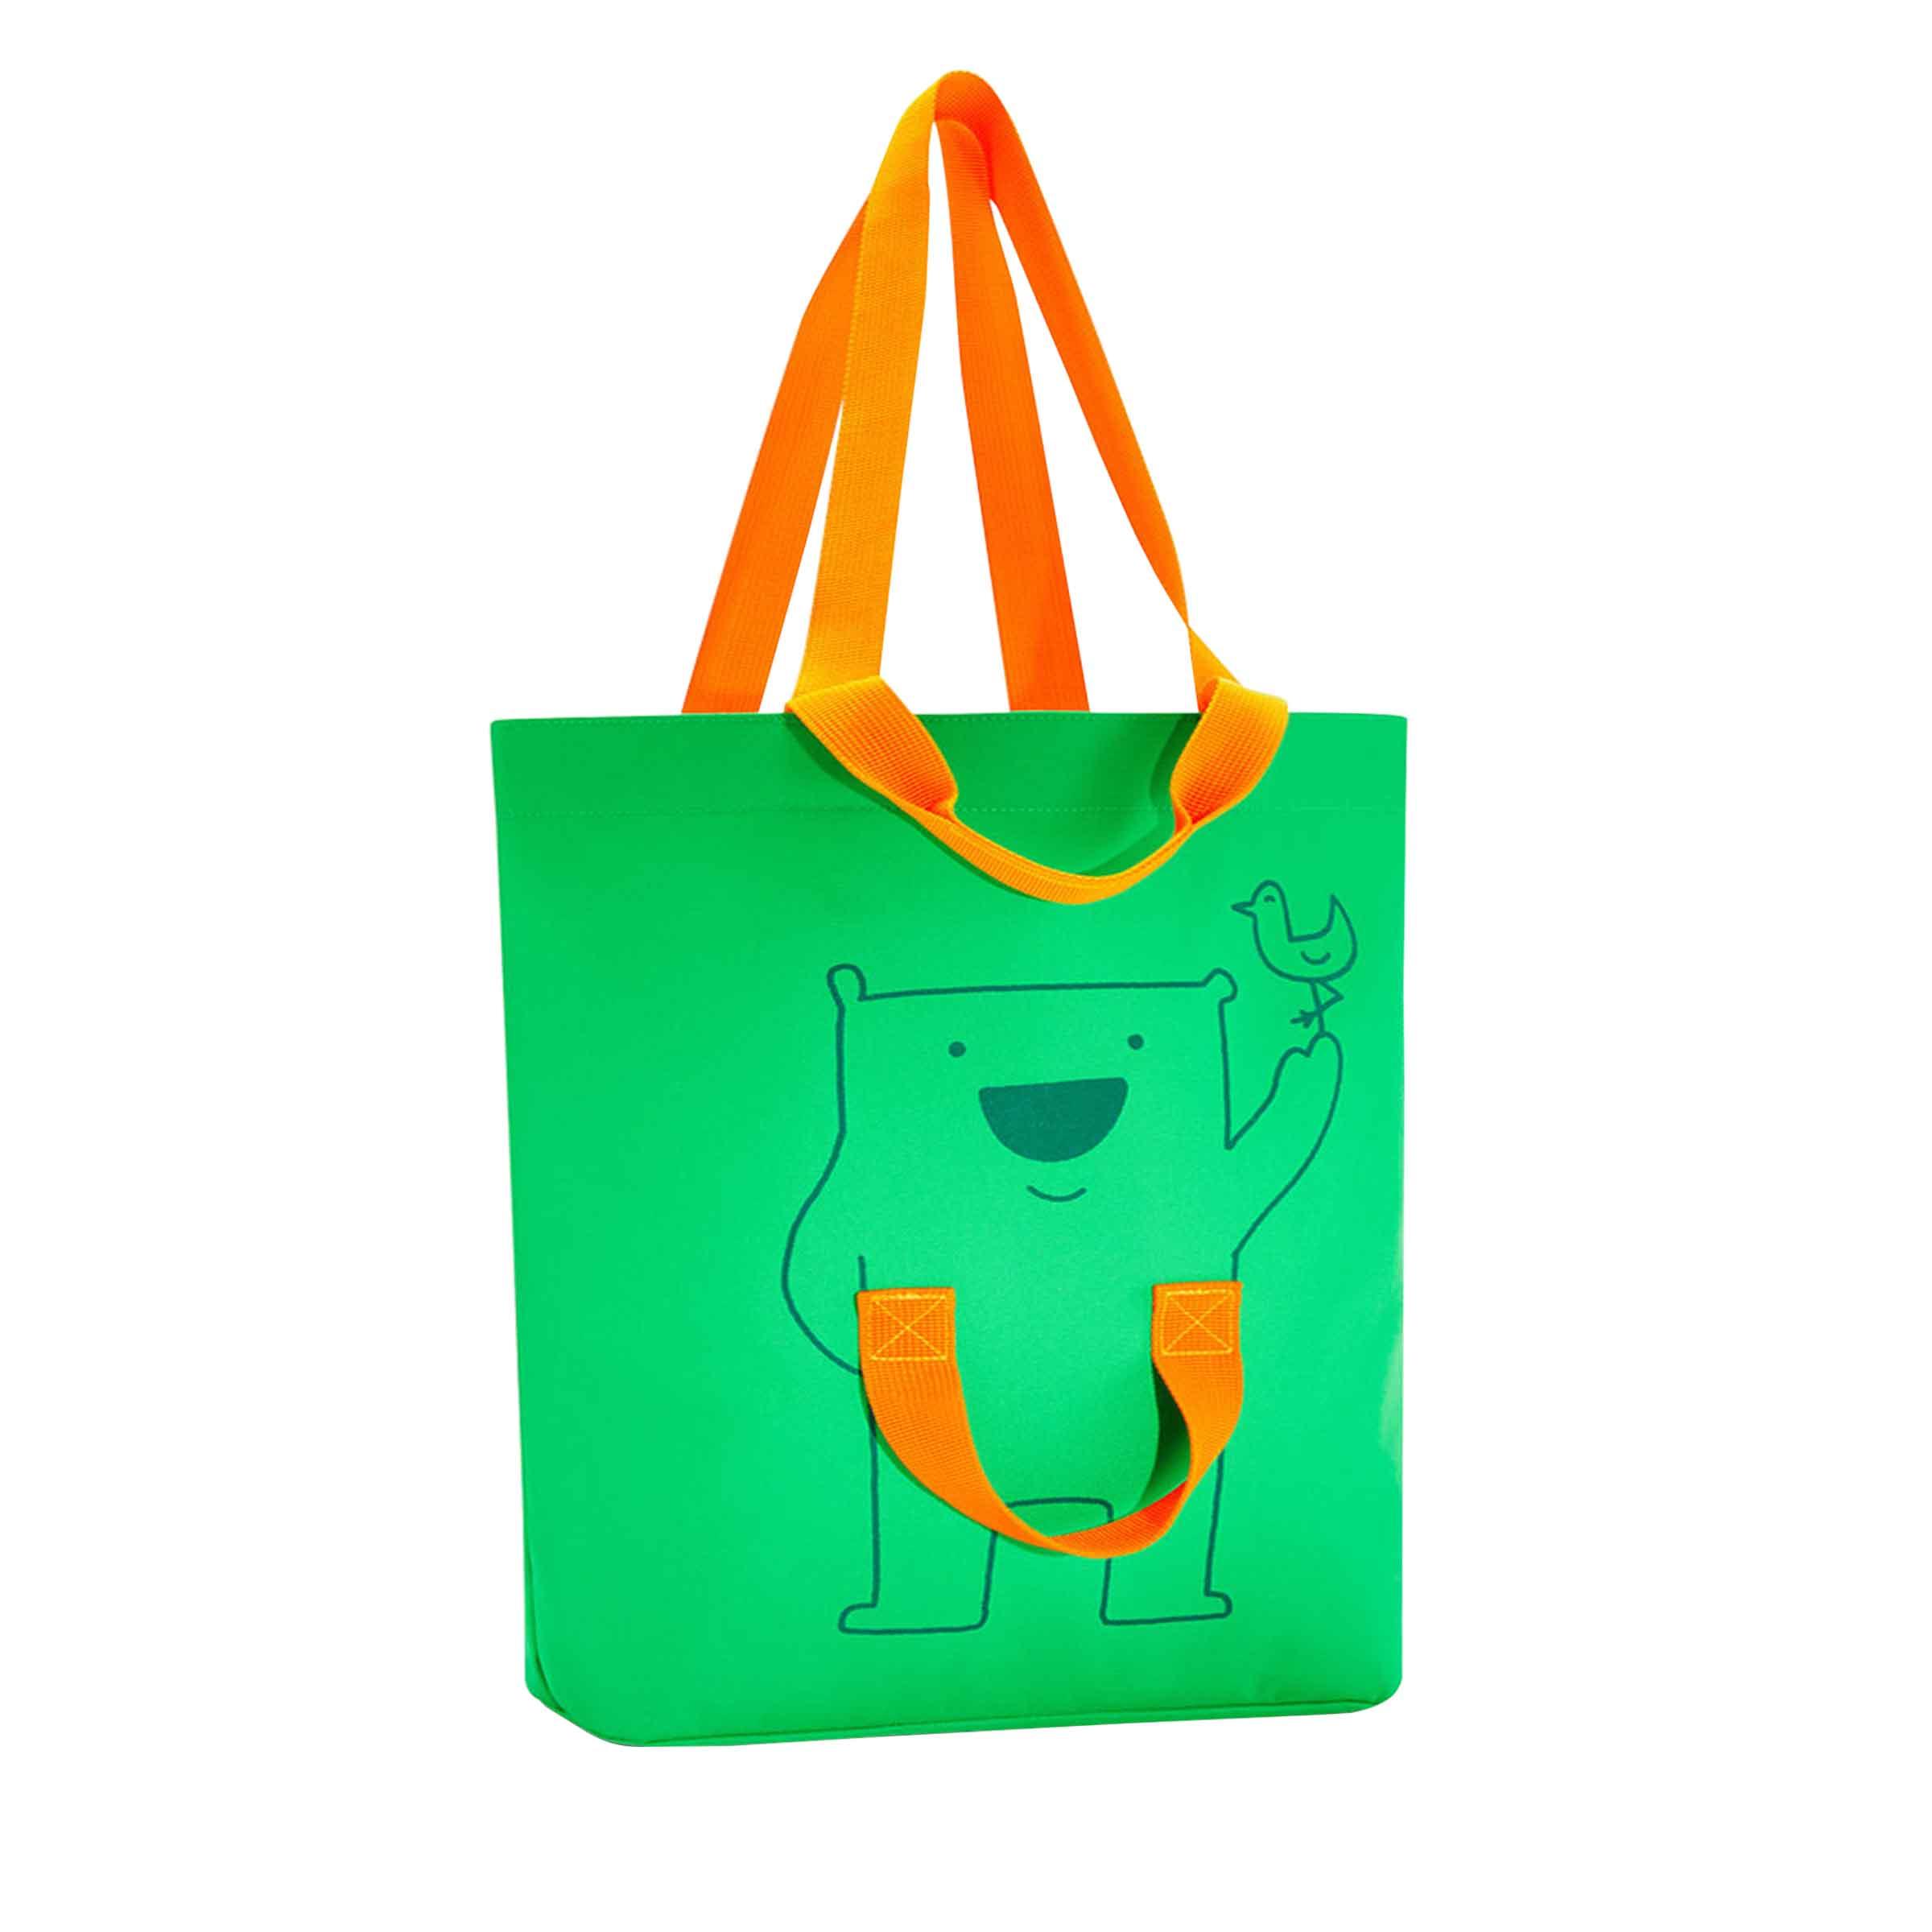 Sac de courses vert et orange avec 4 anses